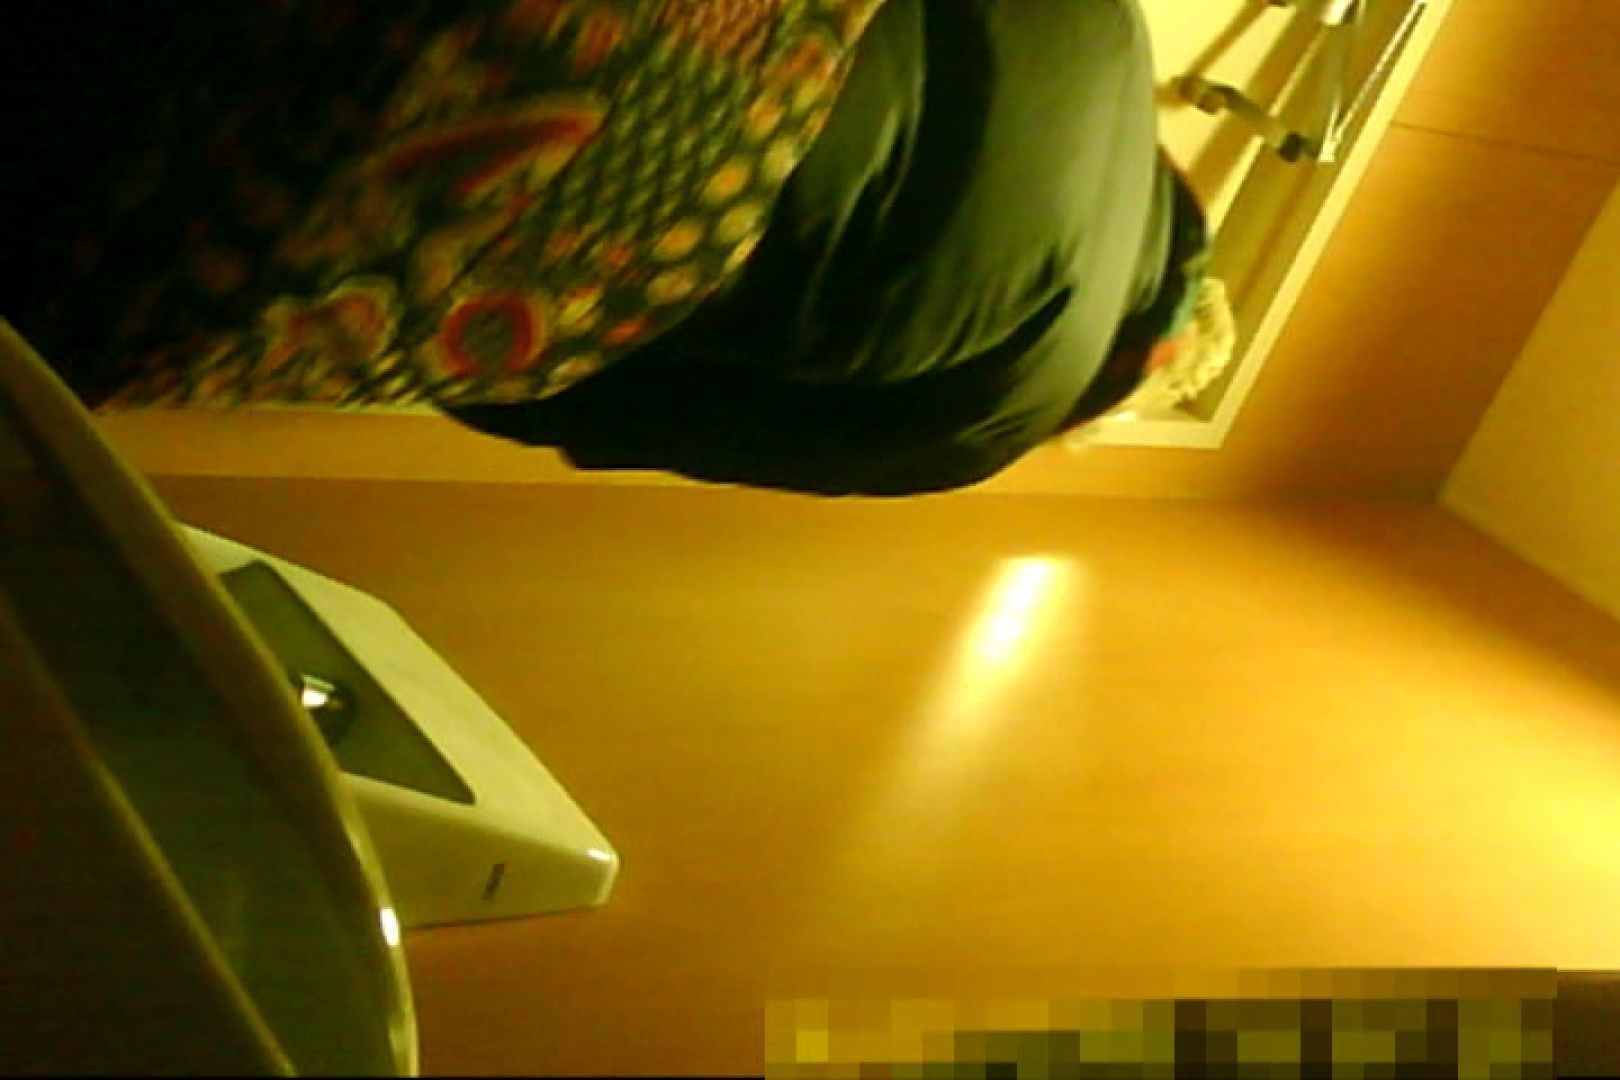 魅惑の化粧室~禁断のプライベート空間~15 お姉さん丸裸   お尻  103pic 25